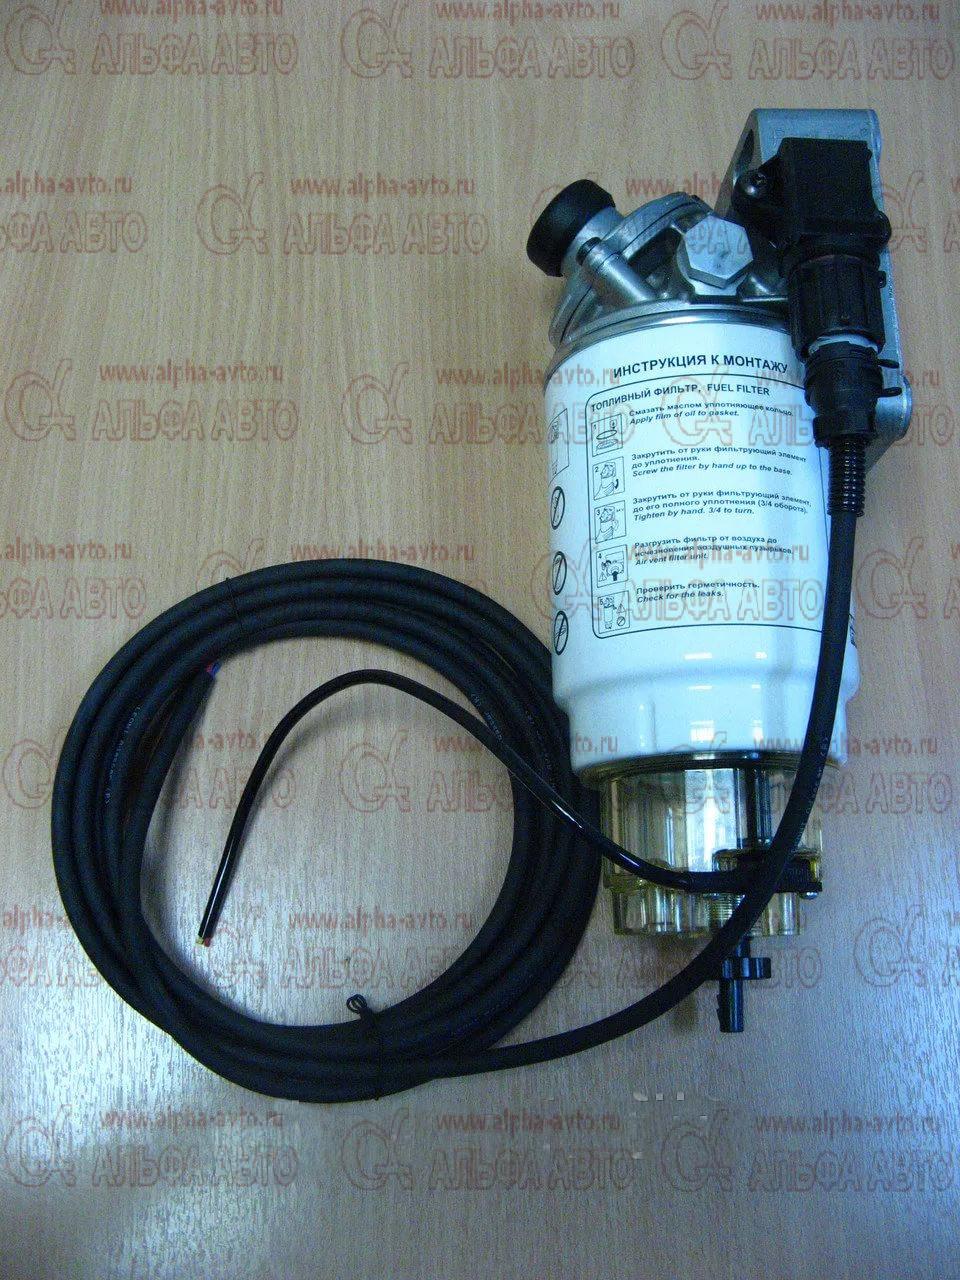 6403/02 Элемент фильтра грубой очистки топлива МАЗ ЕВРО-3 (со стаканом с датчиком)